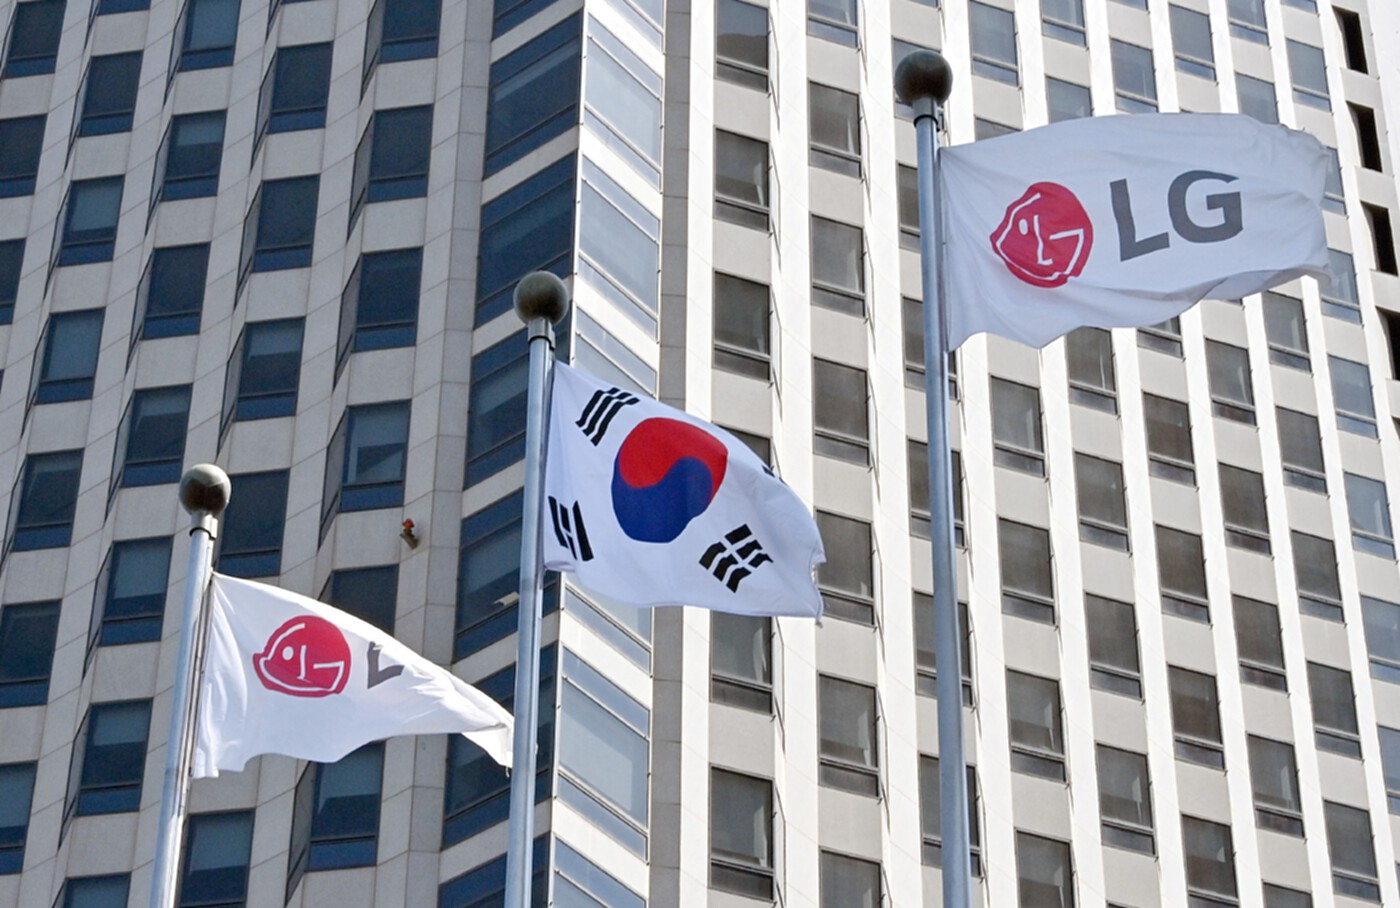 ศูนย์กลางอุตสาหกรรมเกาหลีใต้เชิญร่วมเจรจาธุรกิจออนไลน์